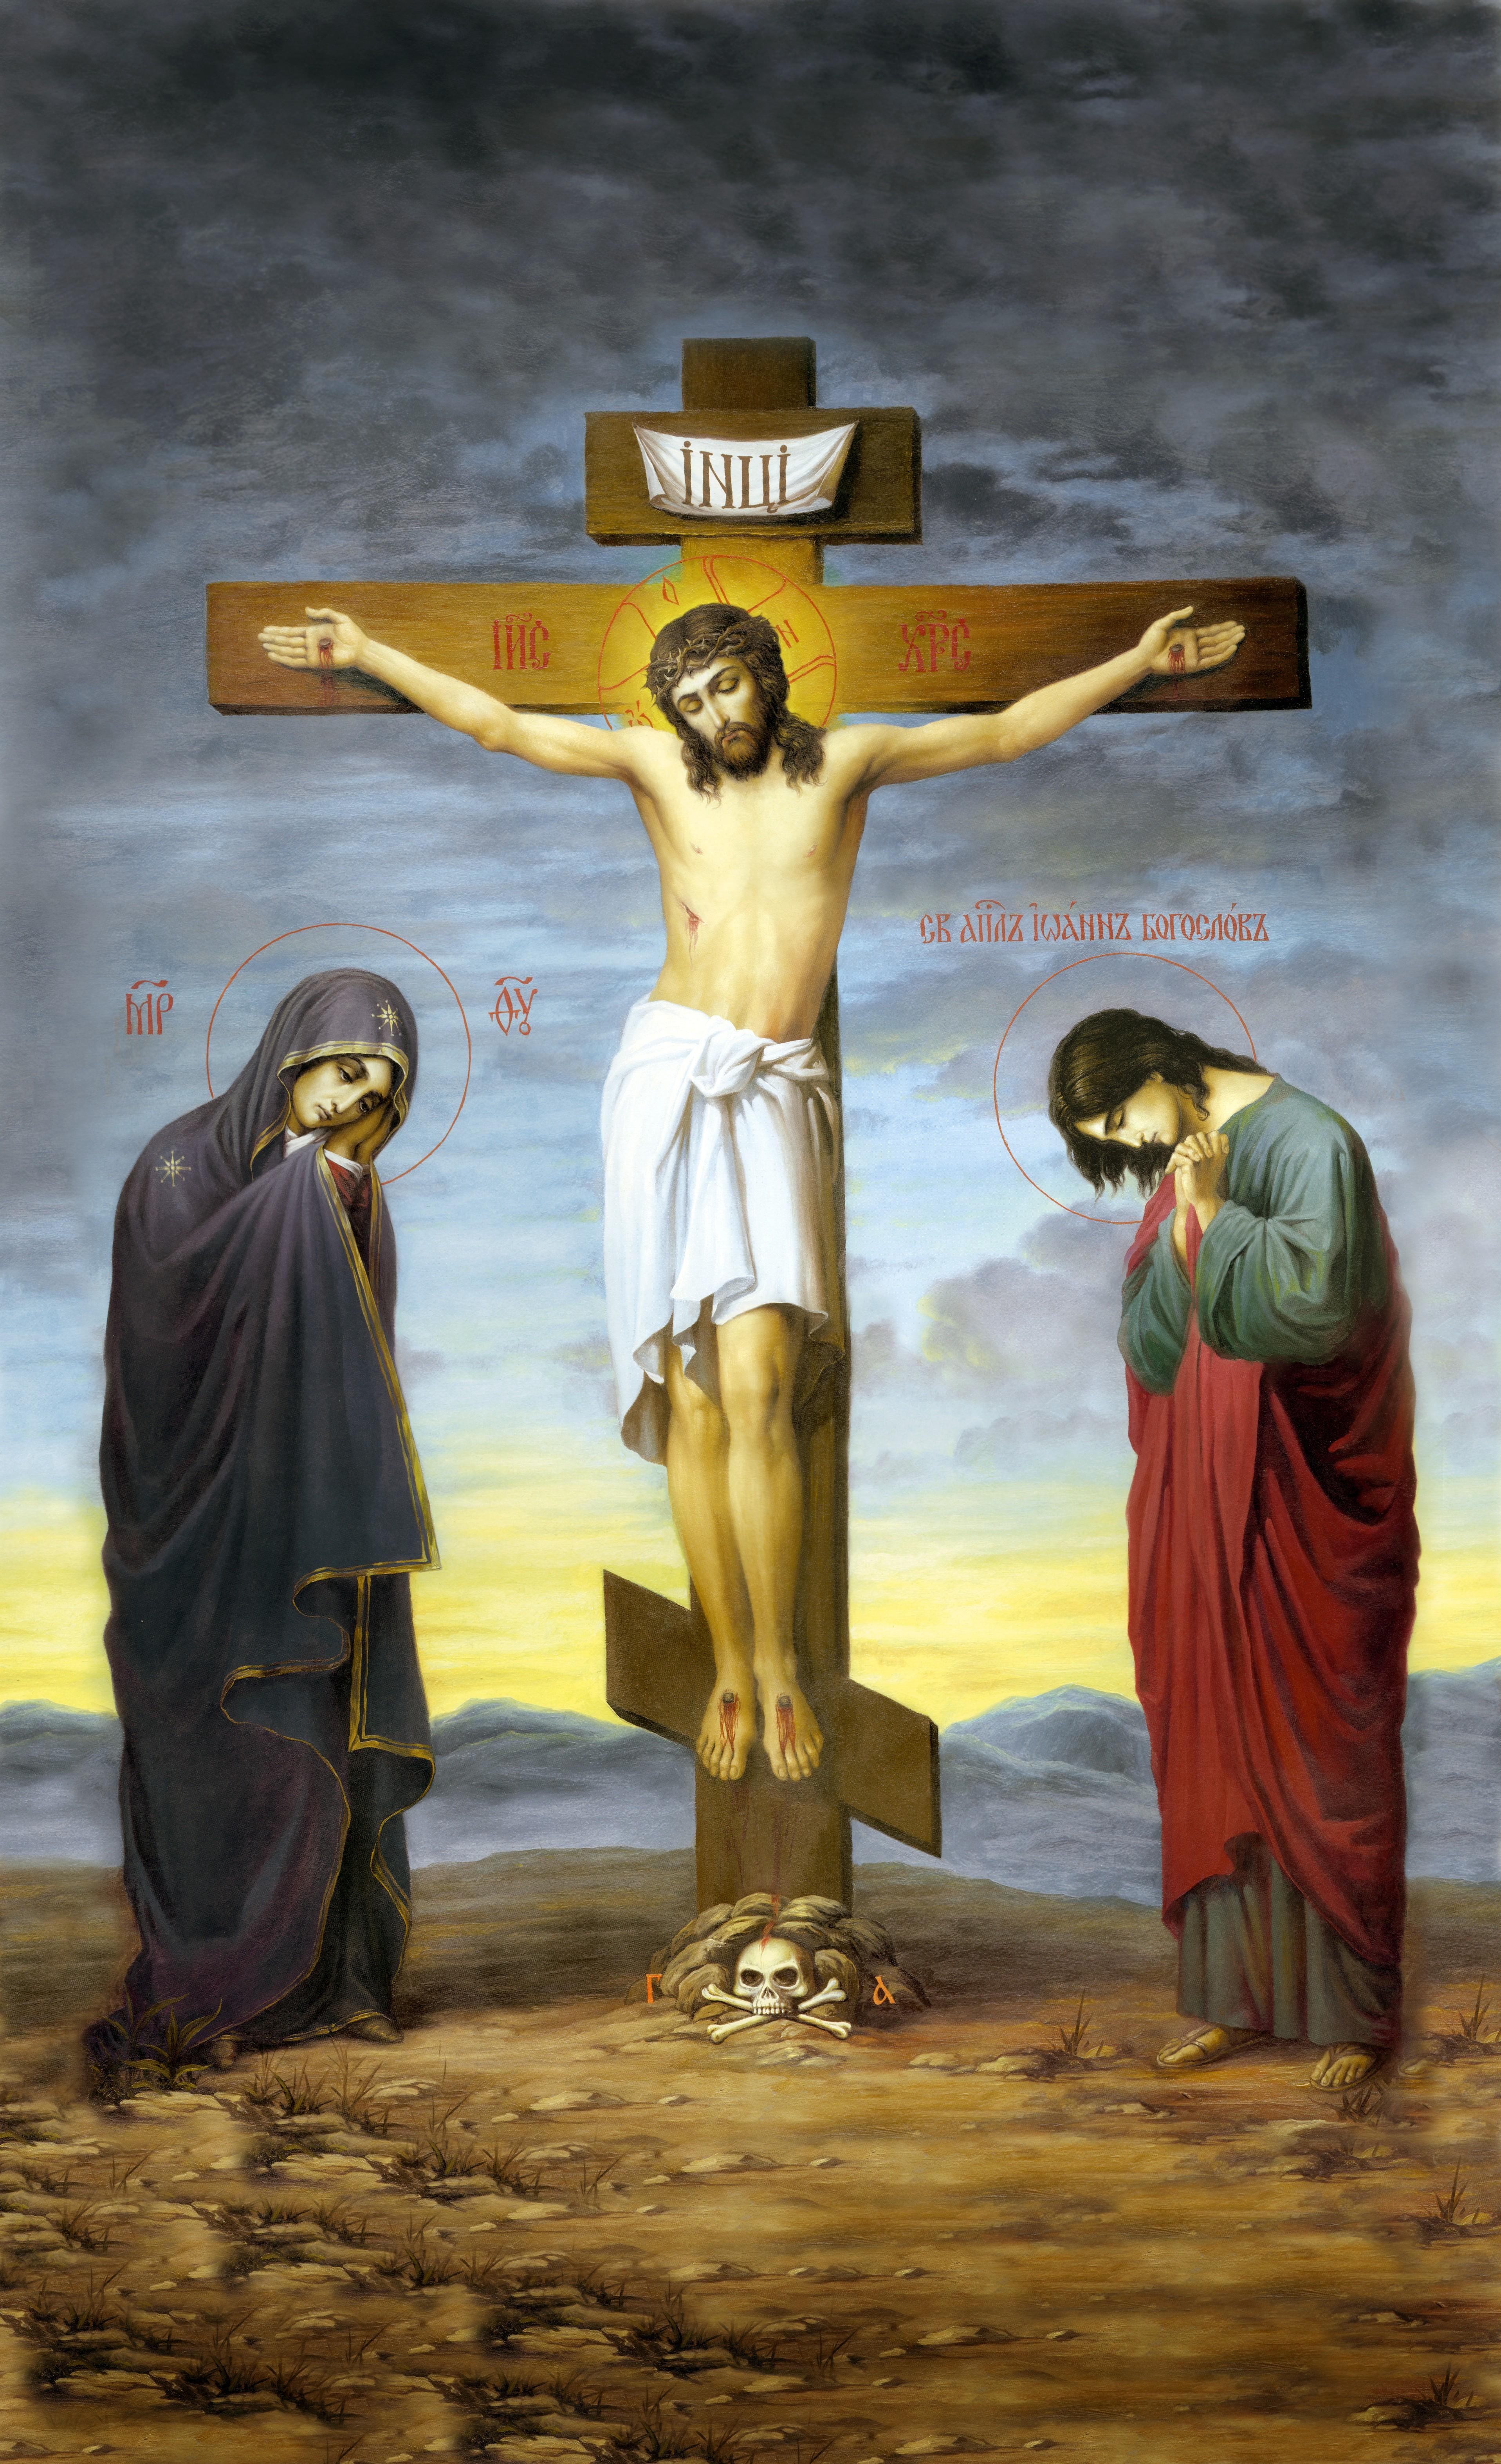 несколько различных кто изображен по бокам у святого распятия христа влагу отвело